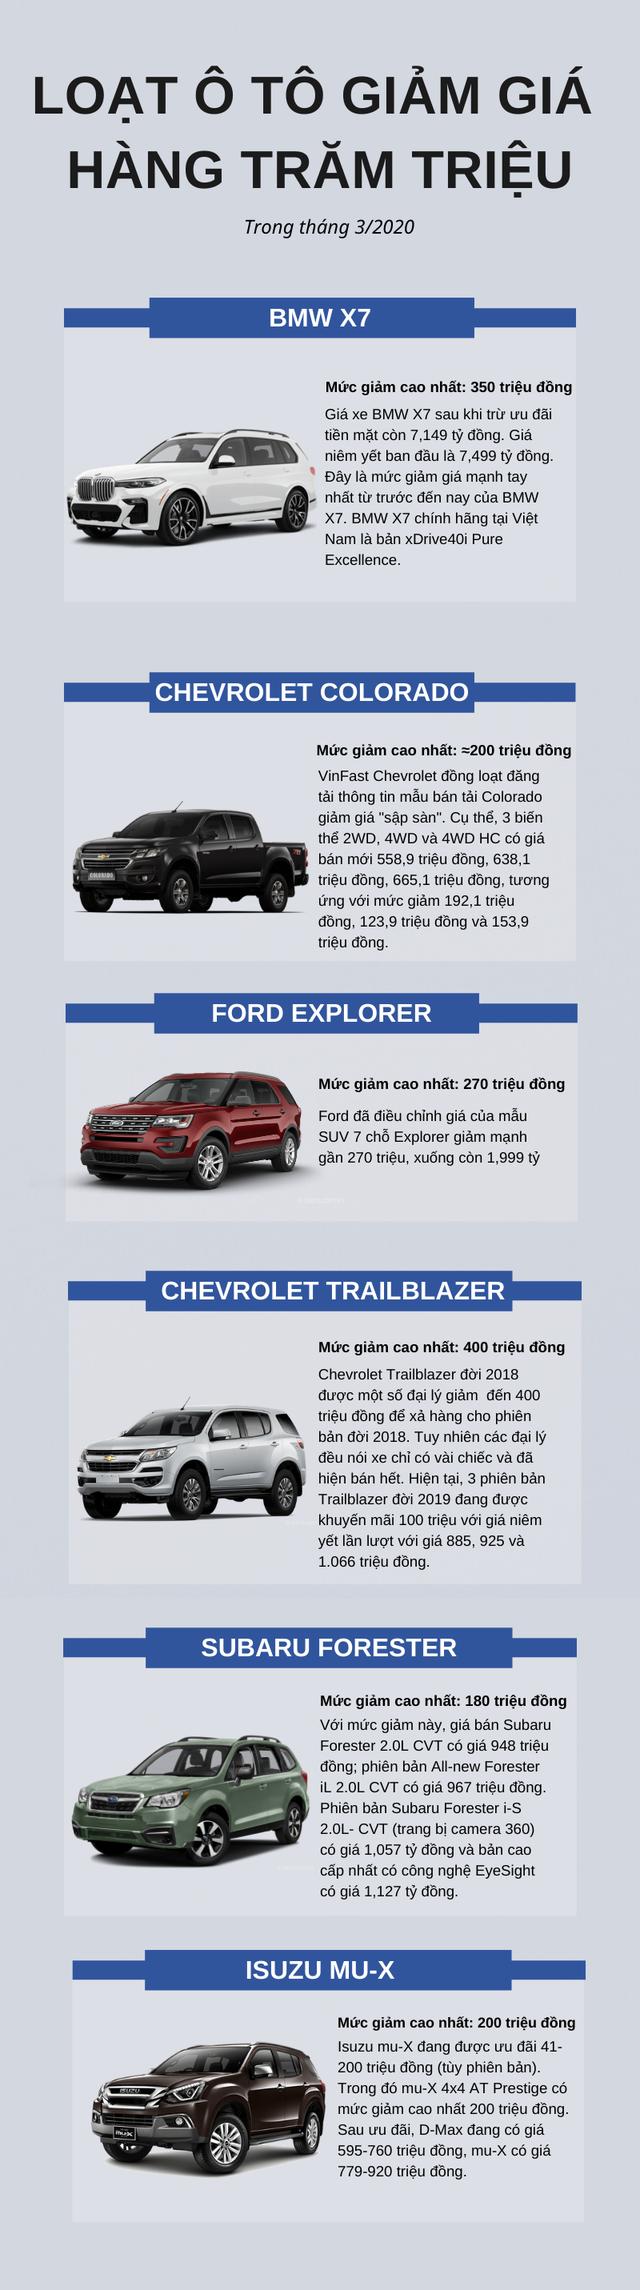 Loạt mẫu ô tô giảm giá khủng trong tháng 3/2020, cao nhất lên tới 400 triệu đồng - Ảnh 1.